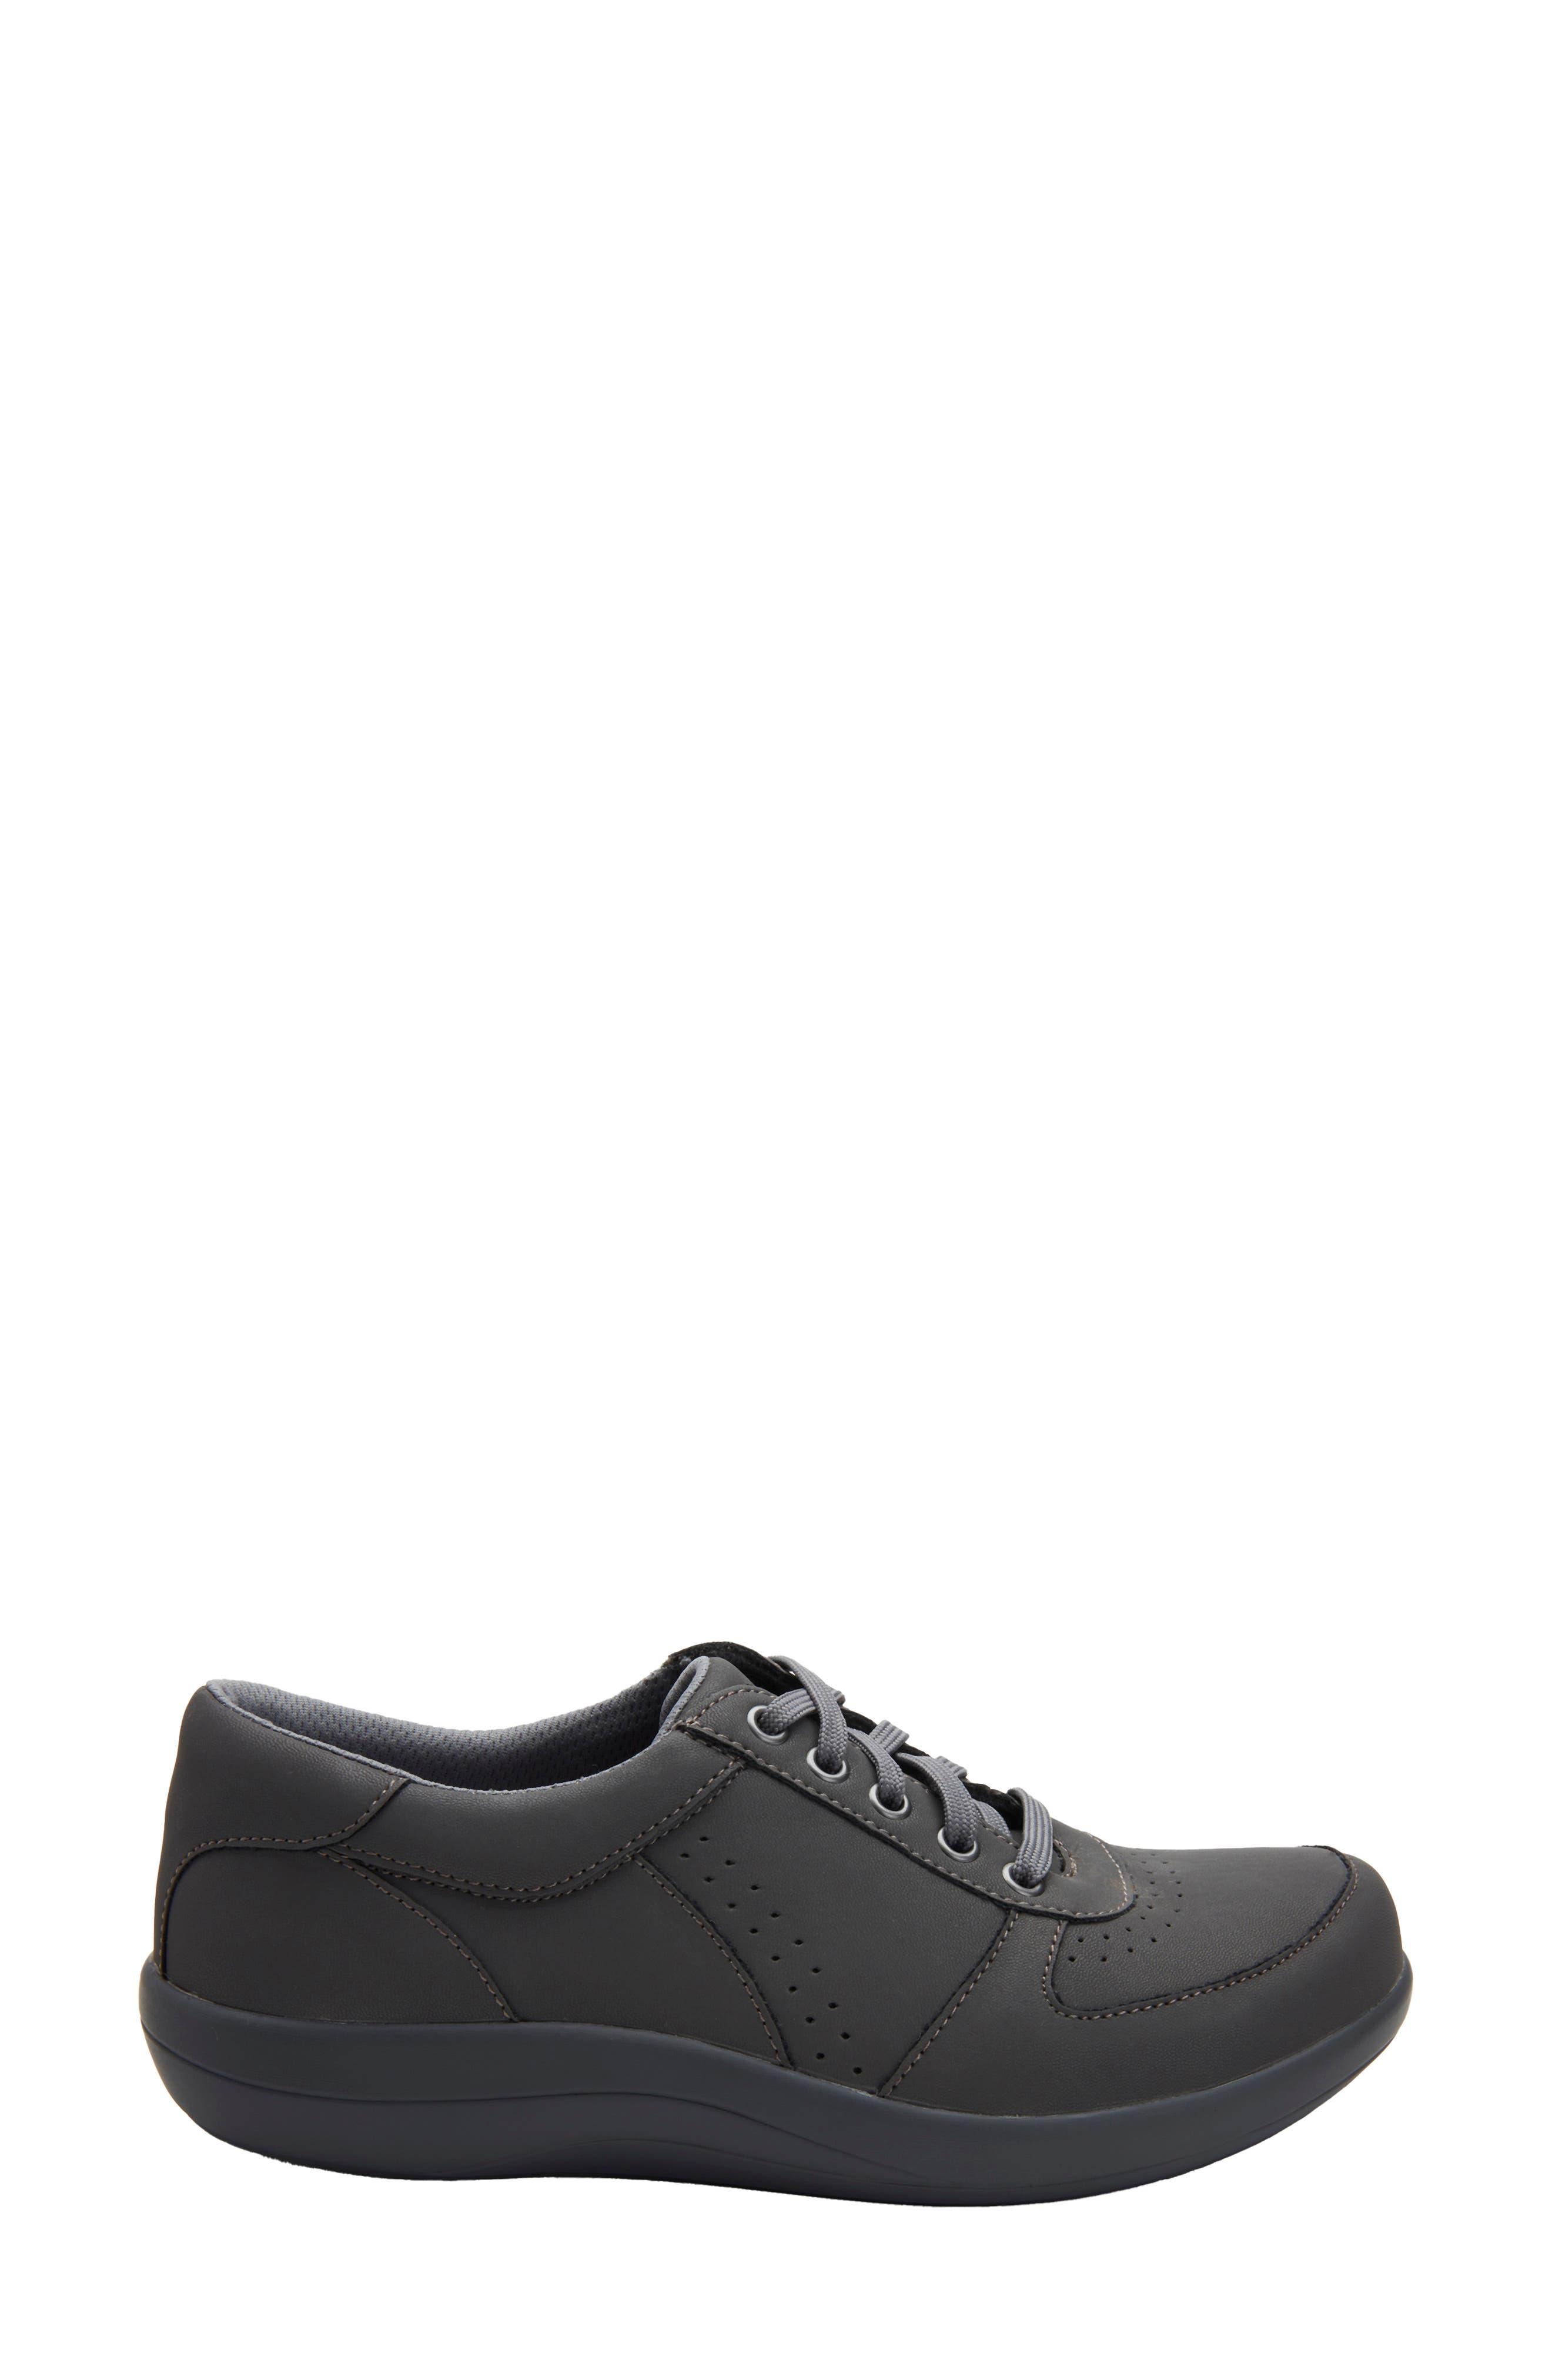 Women's Alegria Daphne Sneaker